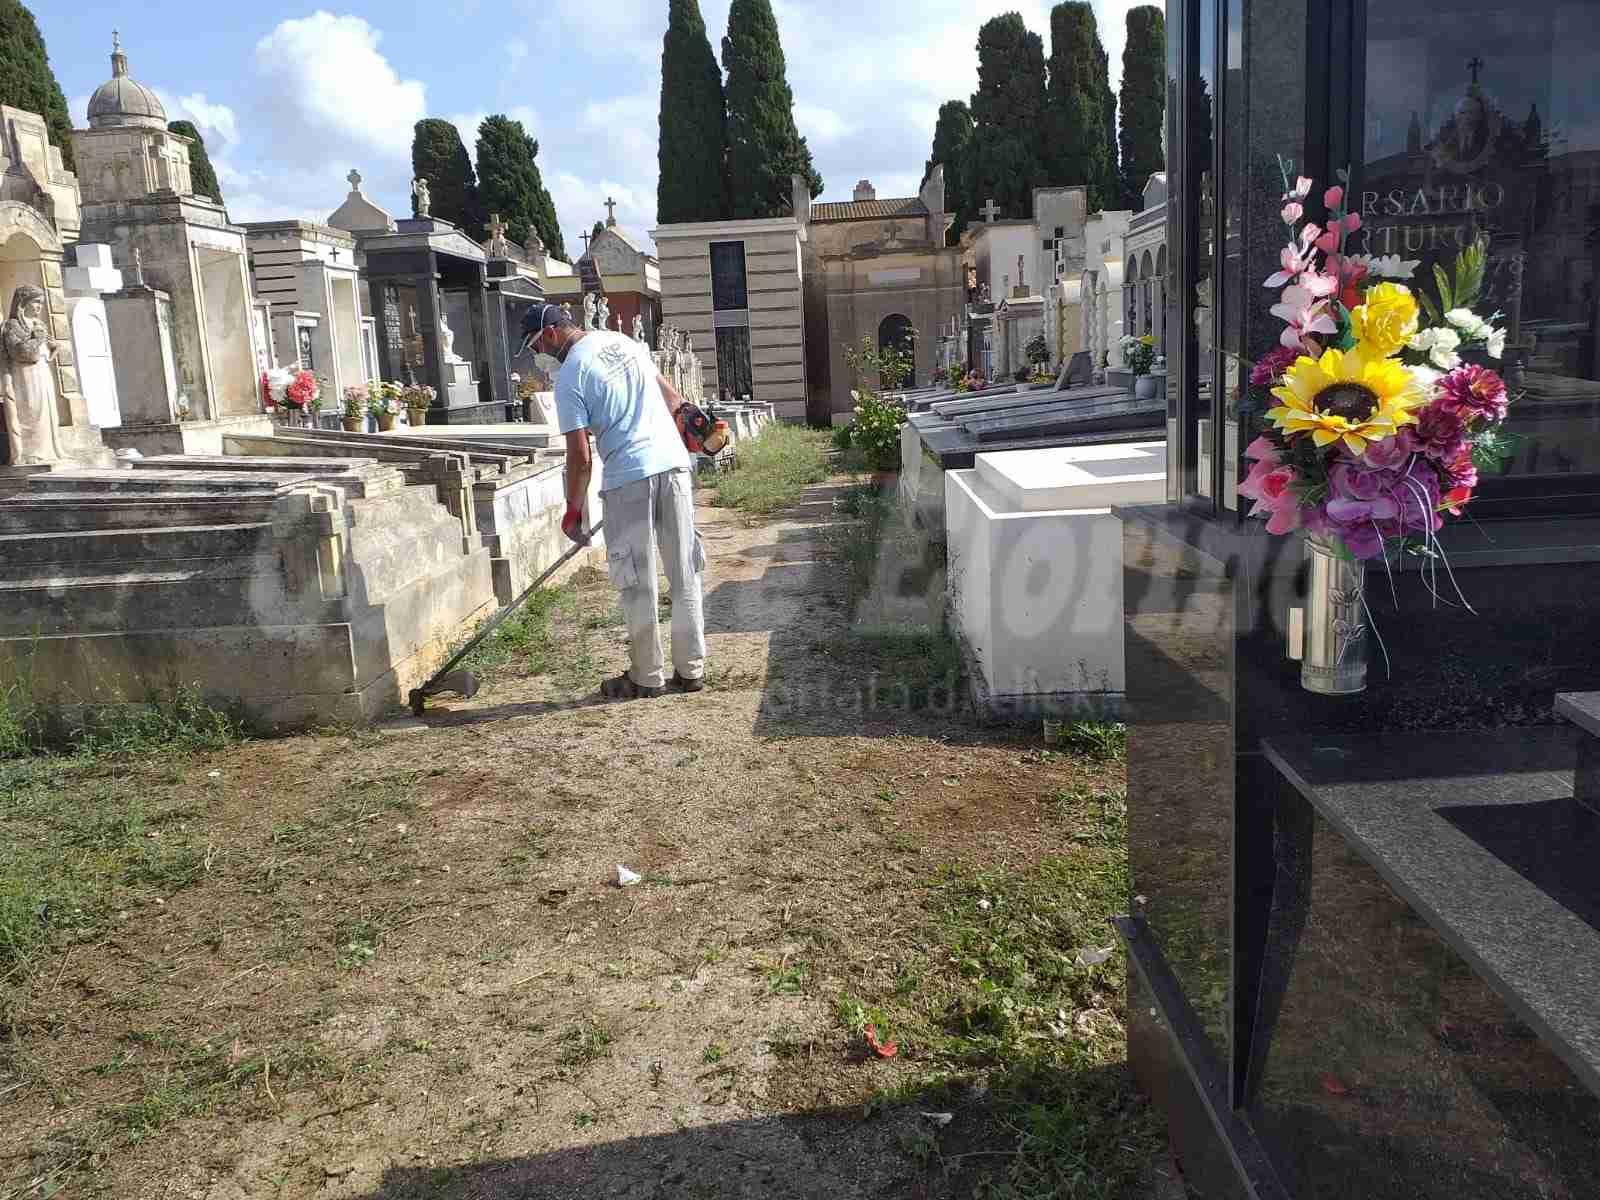 Partono i lavori di scerbatura al cimitero comunale